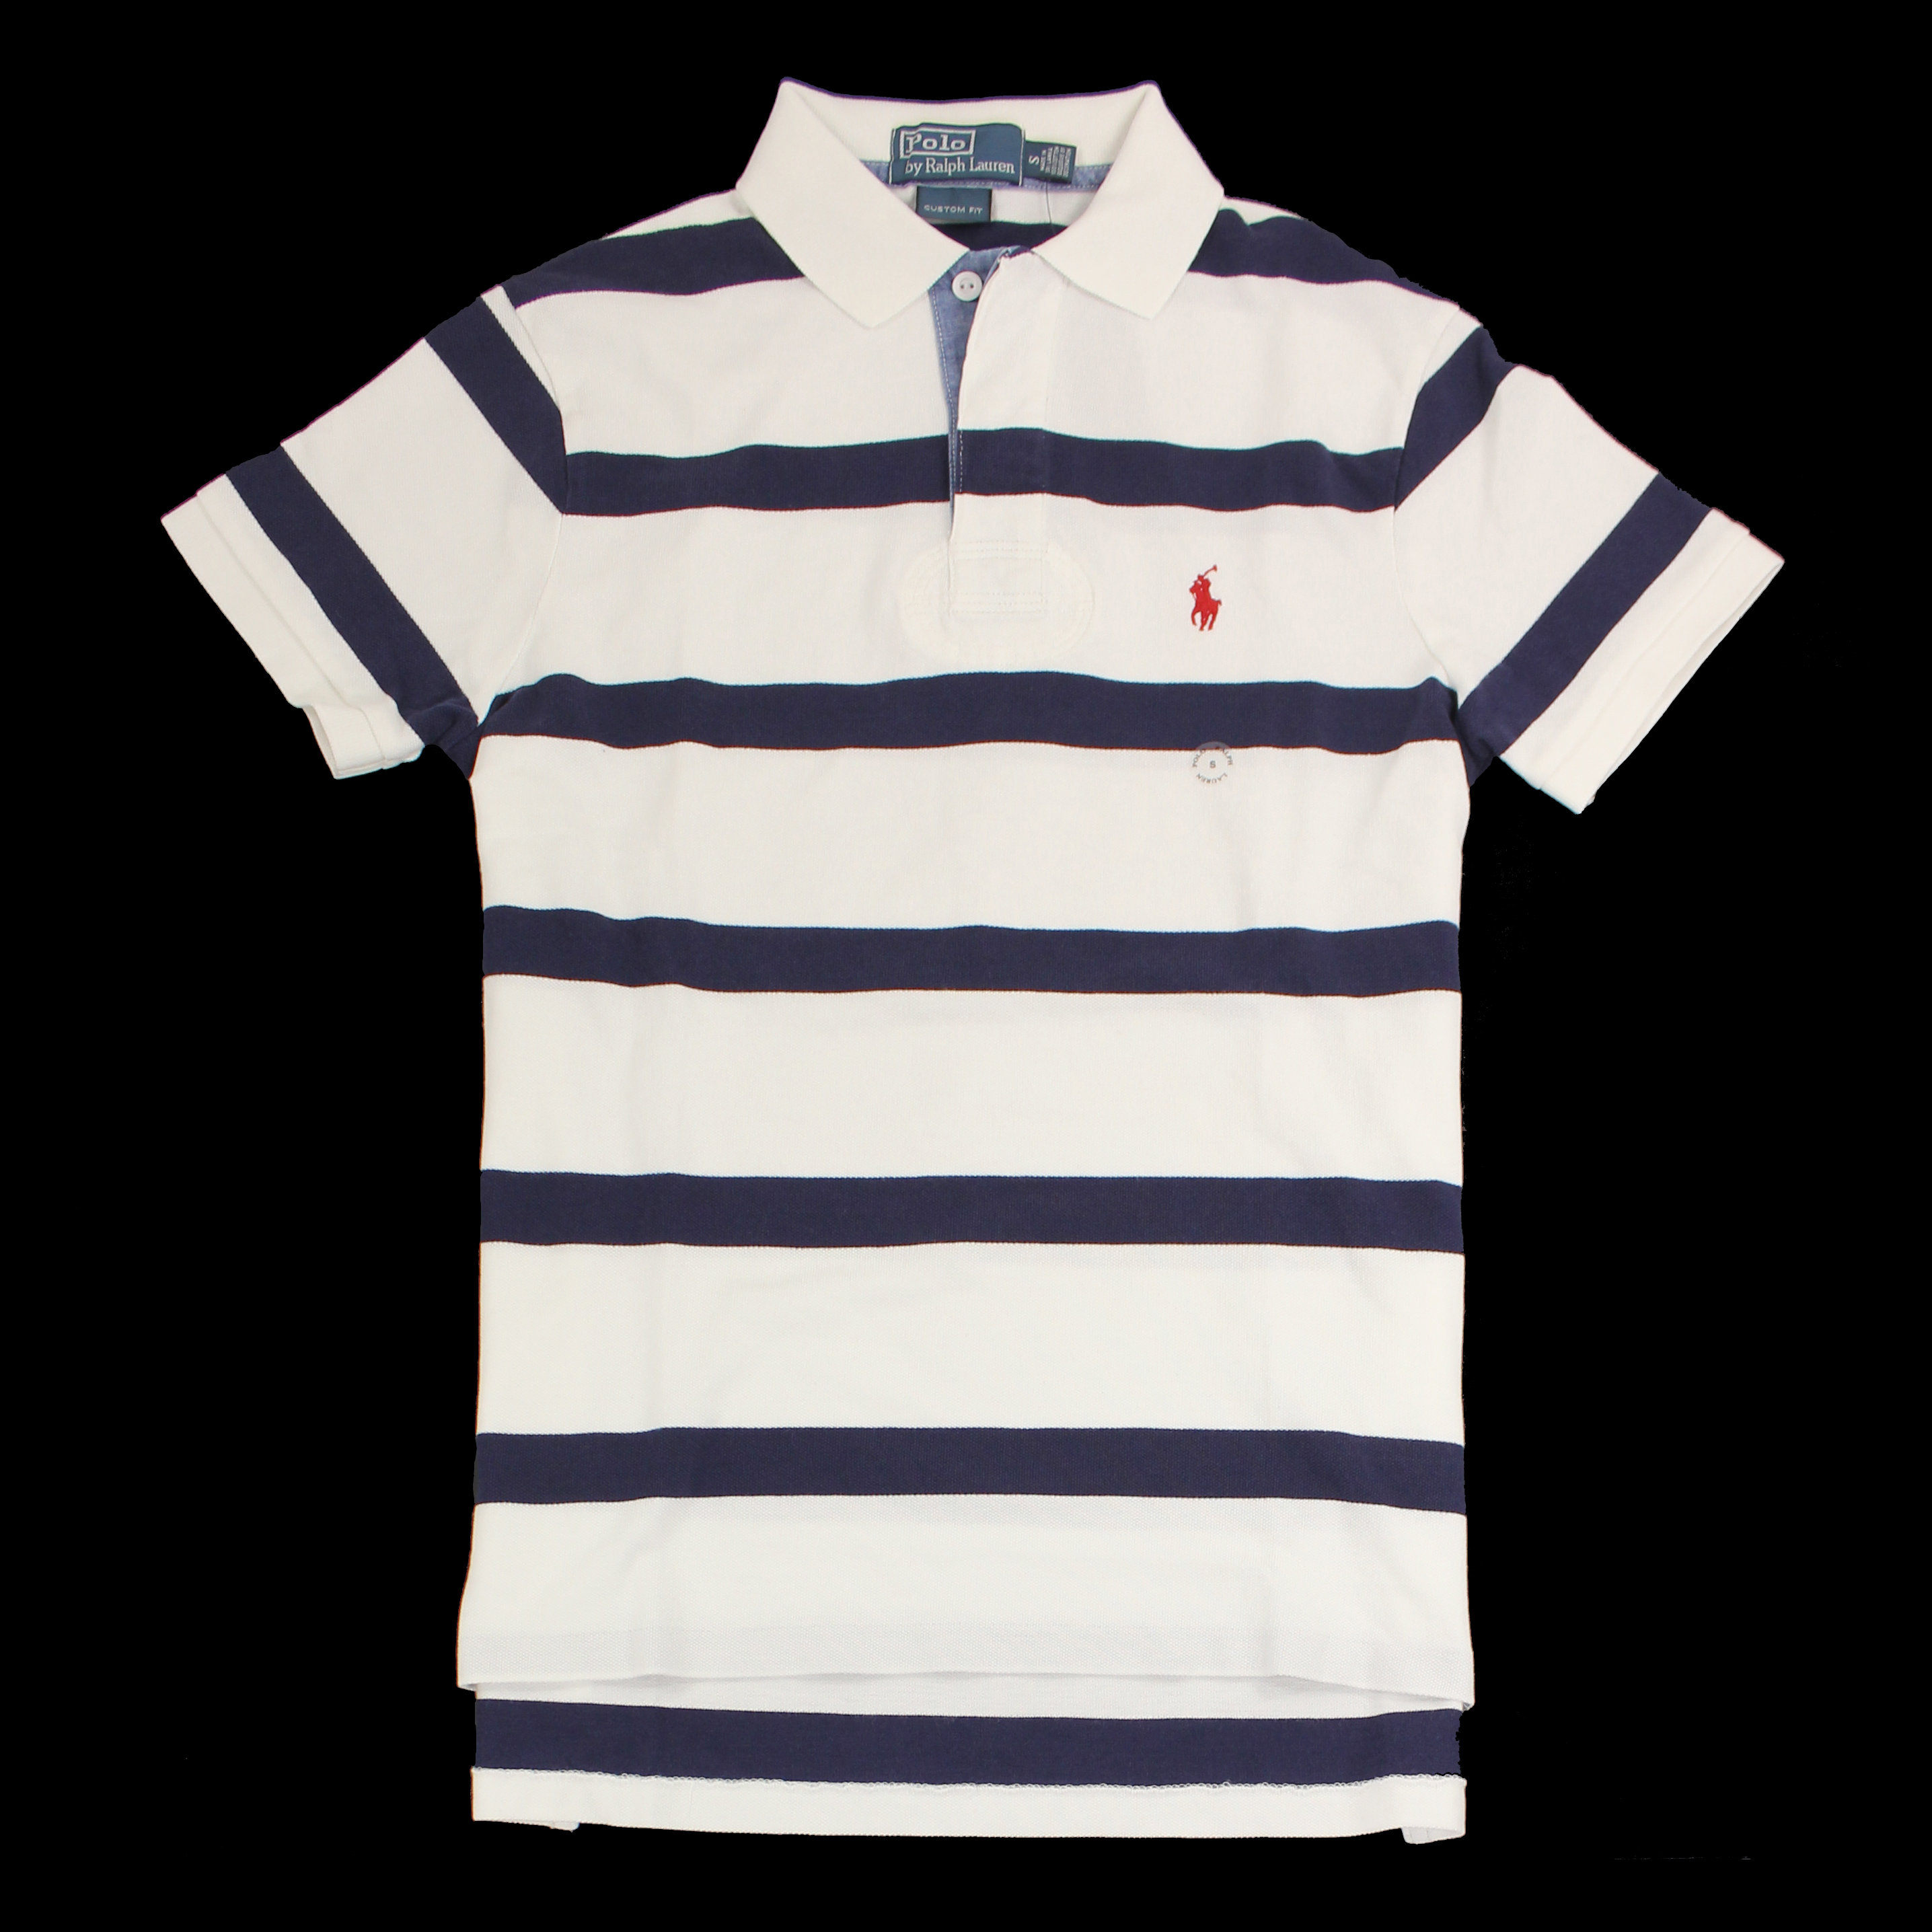 美國百分百【全新真品】Ralph Lauren Polo衫 RL 短袖 休閒 條紋 男 藍白 S XS號 E135